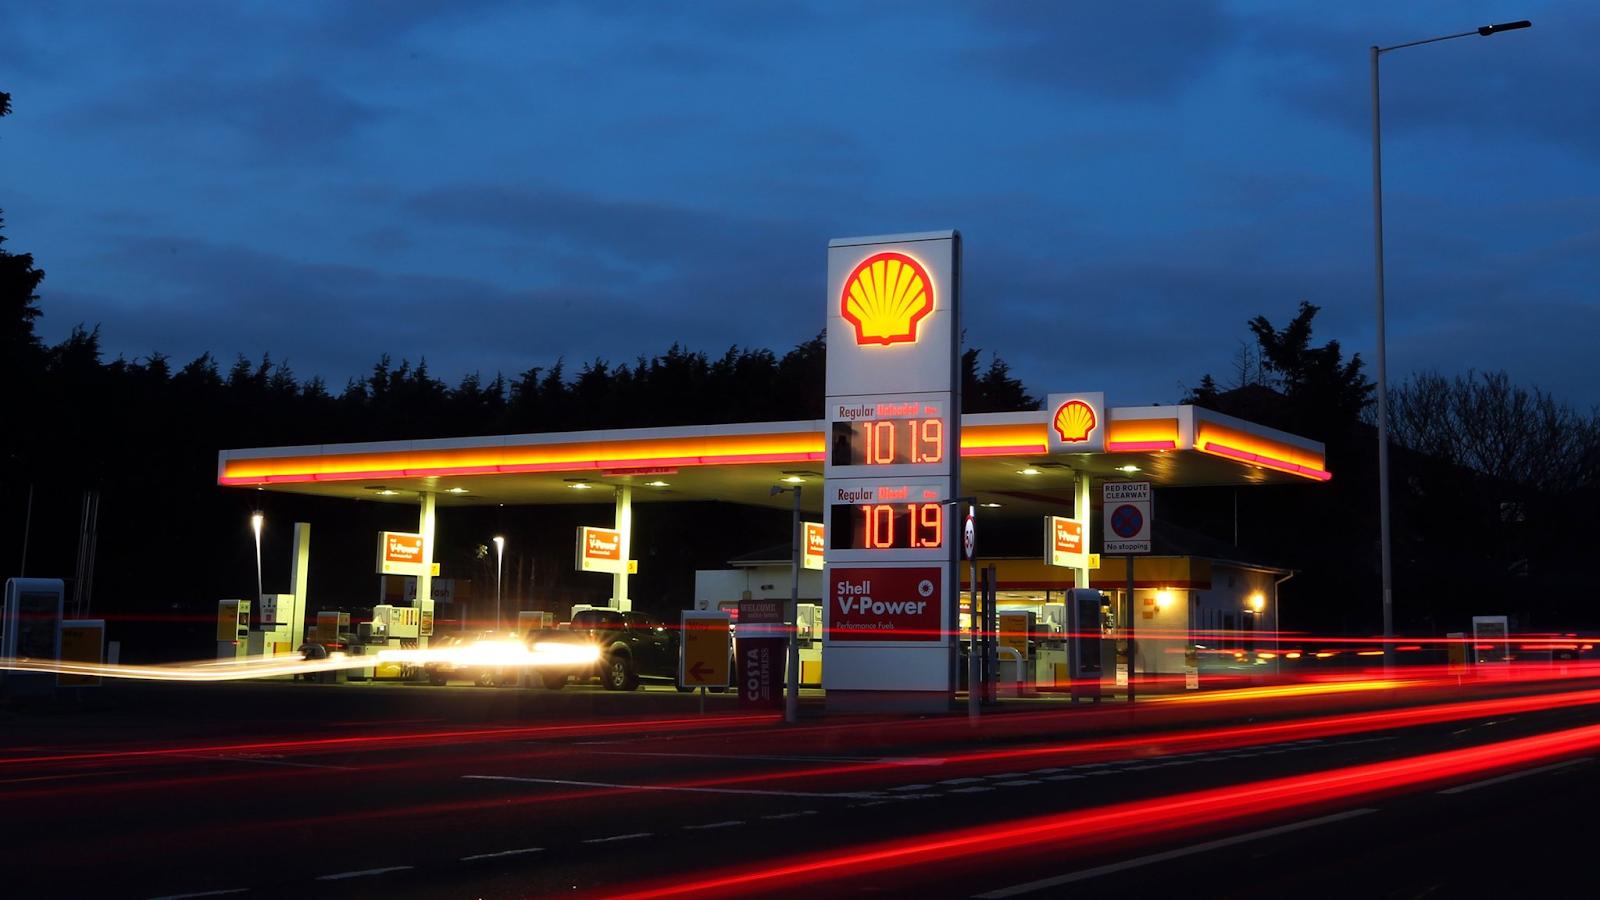 Royal Shell Dutch